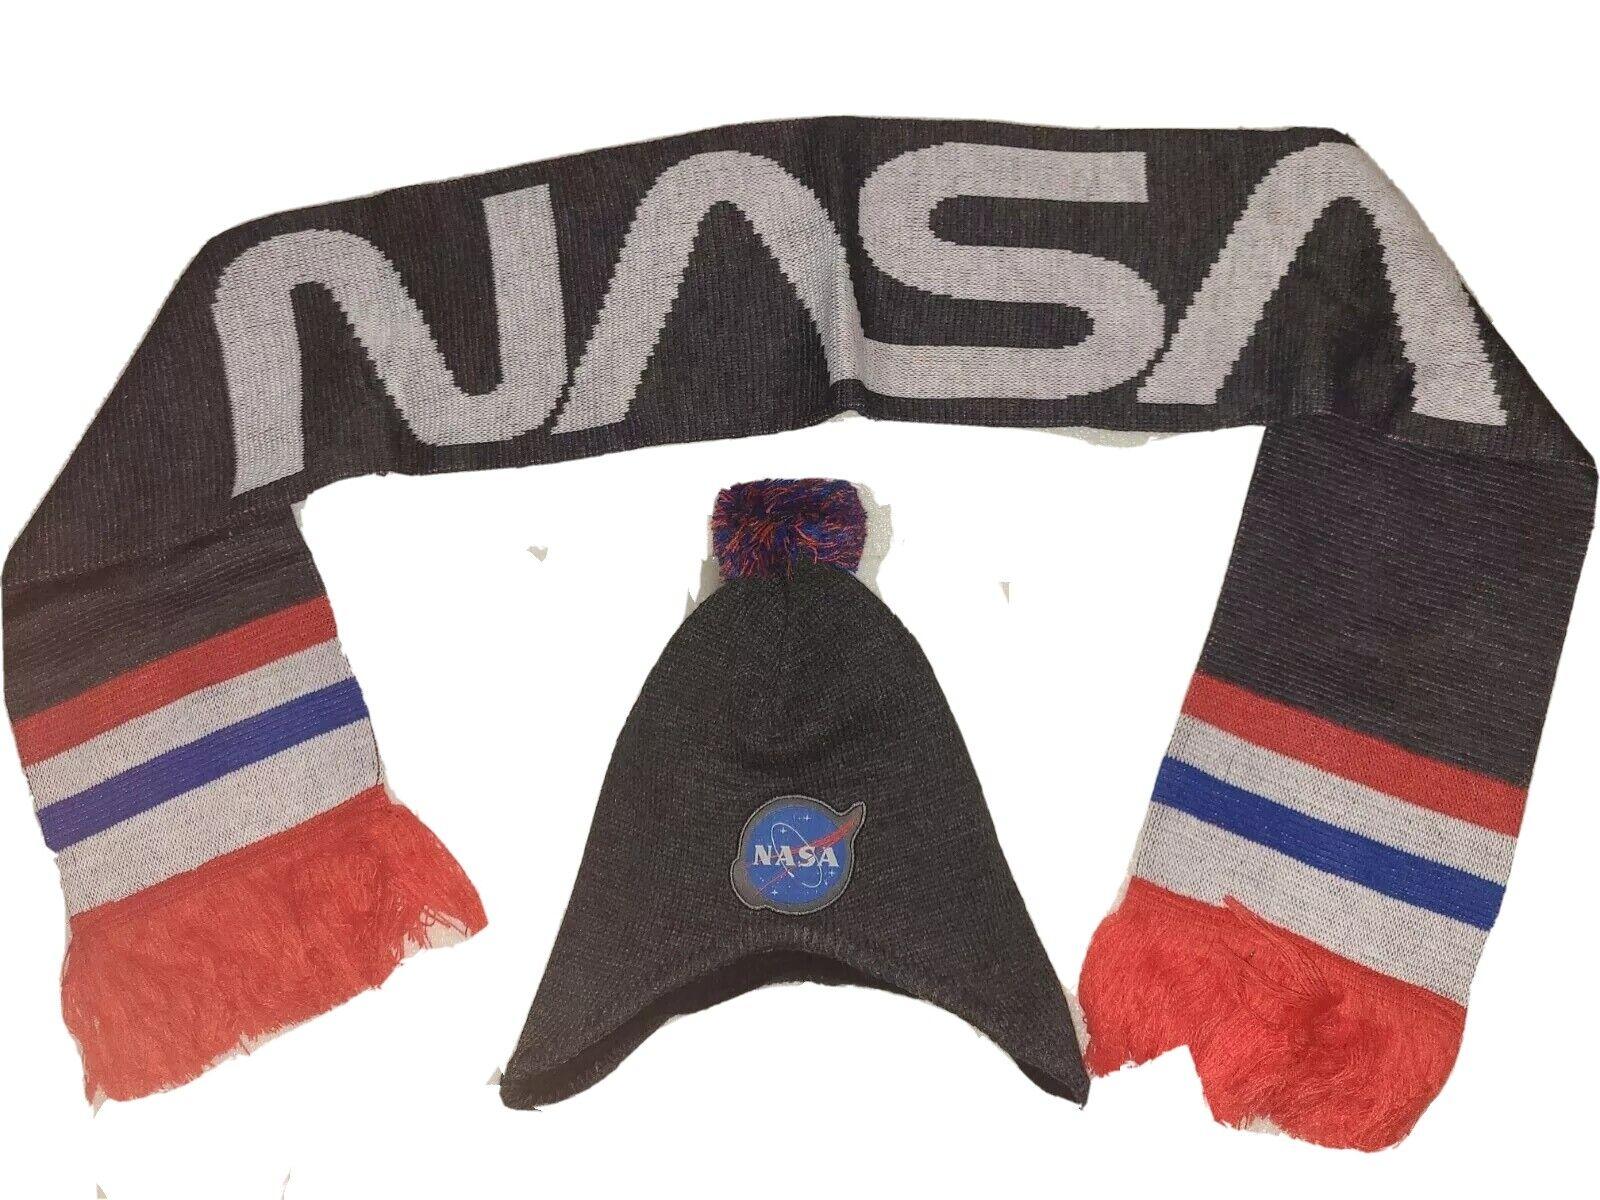 NWOT NASA Scarf & Earflap Beanie Set Loot Crate Lootwear Exclusive Adult OSFM